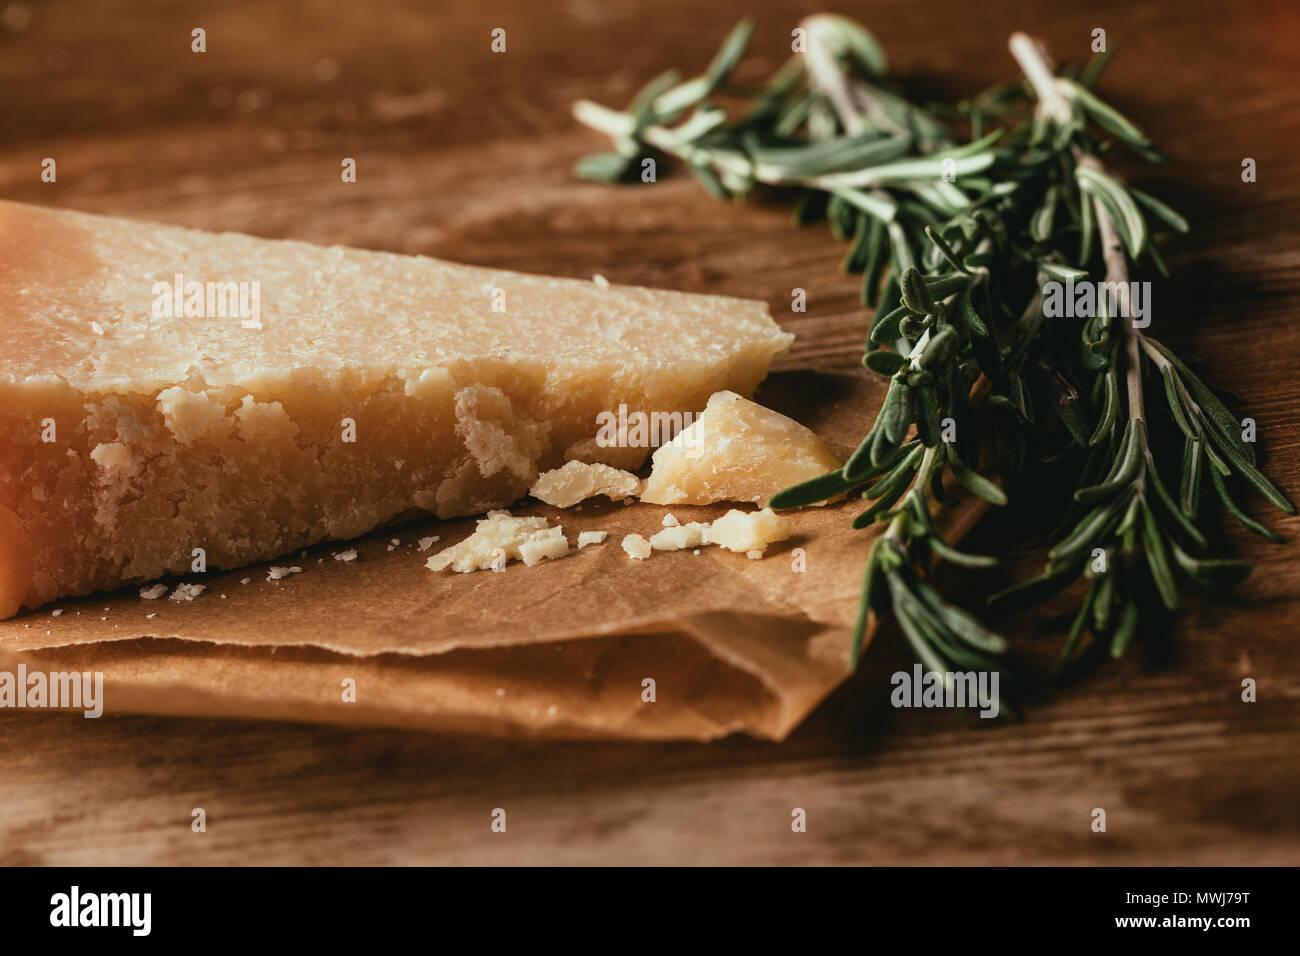 Nahaufnahme der Parmesan und frischem Rosmarin auf hölzernen Tischplatte Stockbild